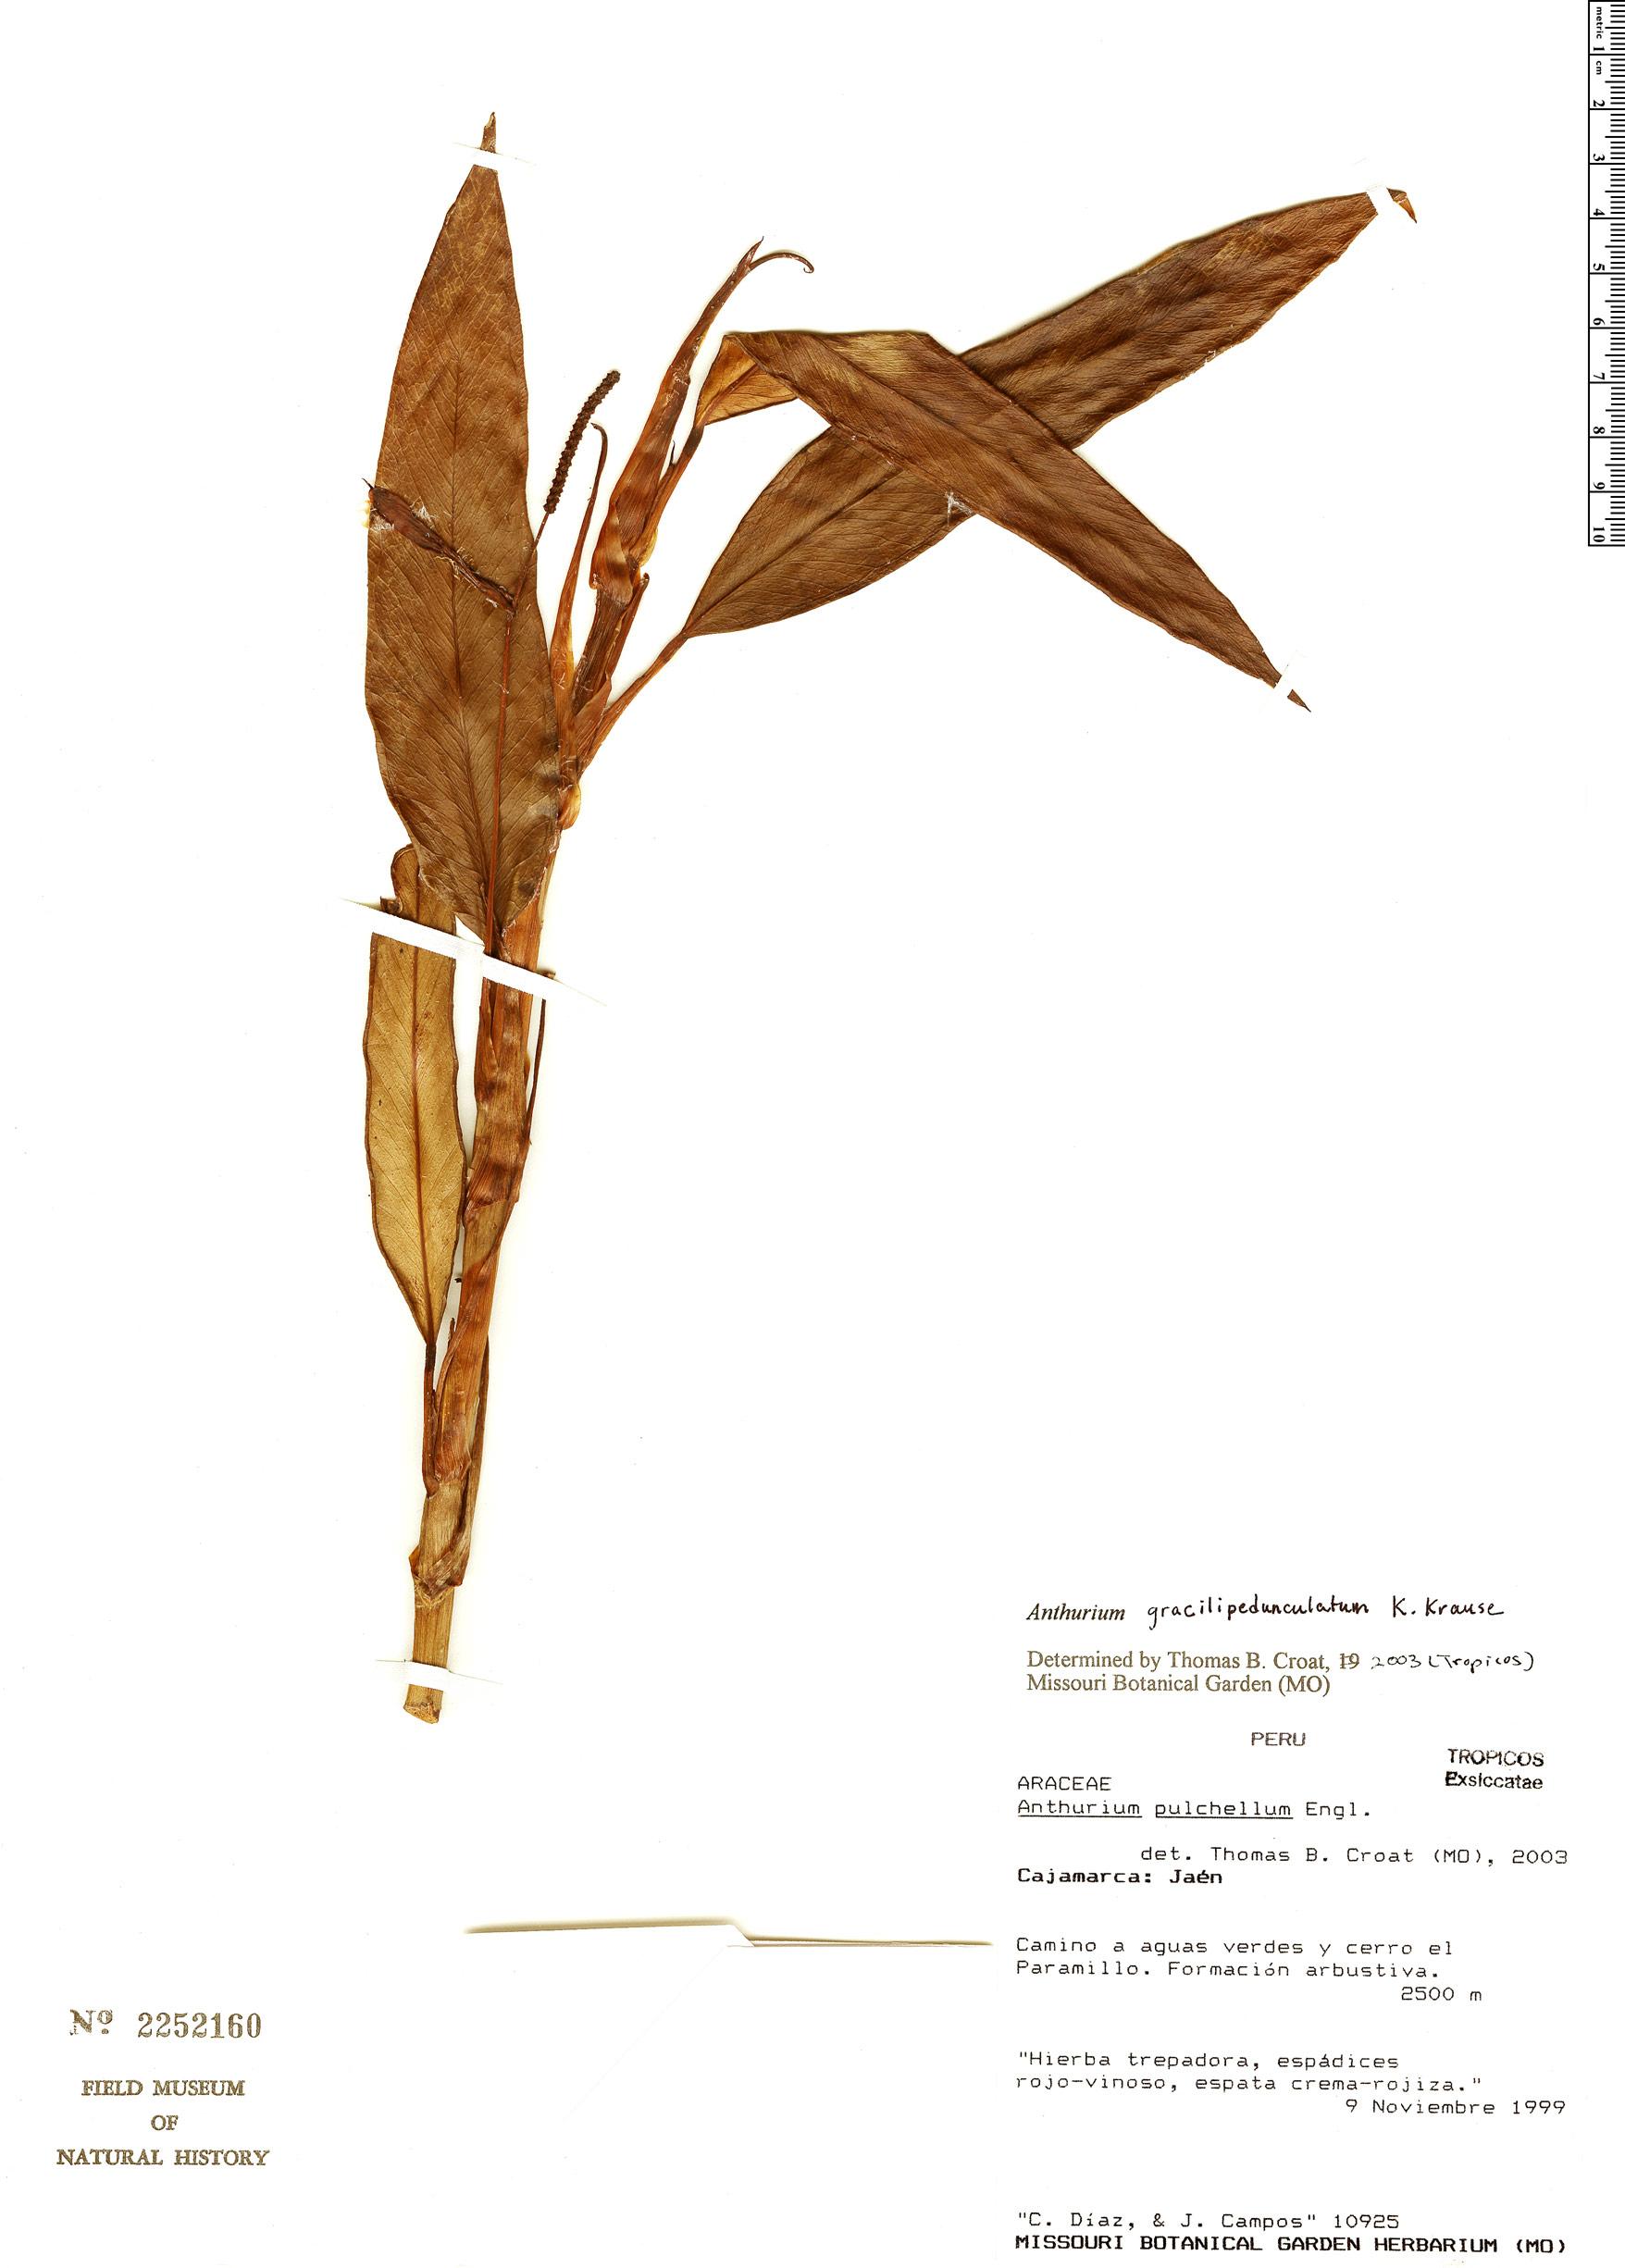 Specimen: Anthurium gracilipedunculatum